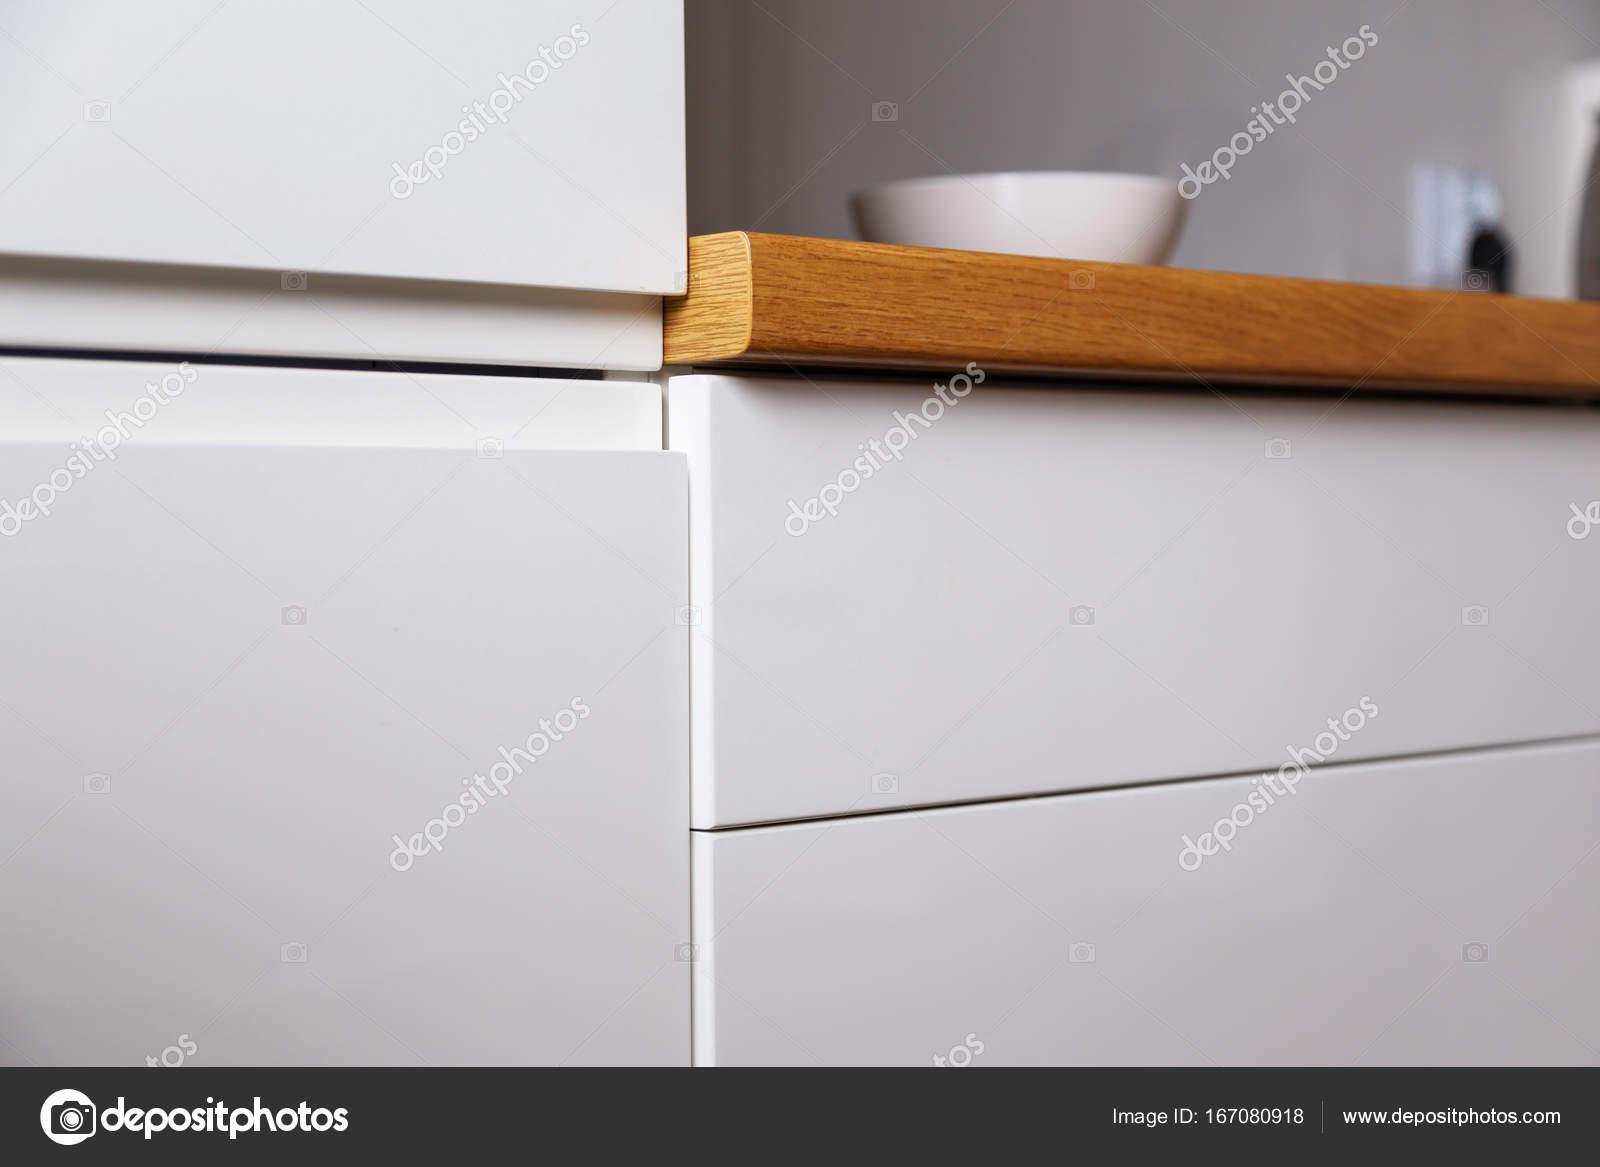 Mobili da cucina senza maniglie con sistema push — Foto Stock ...